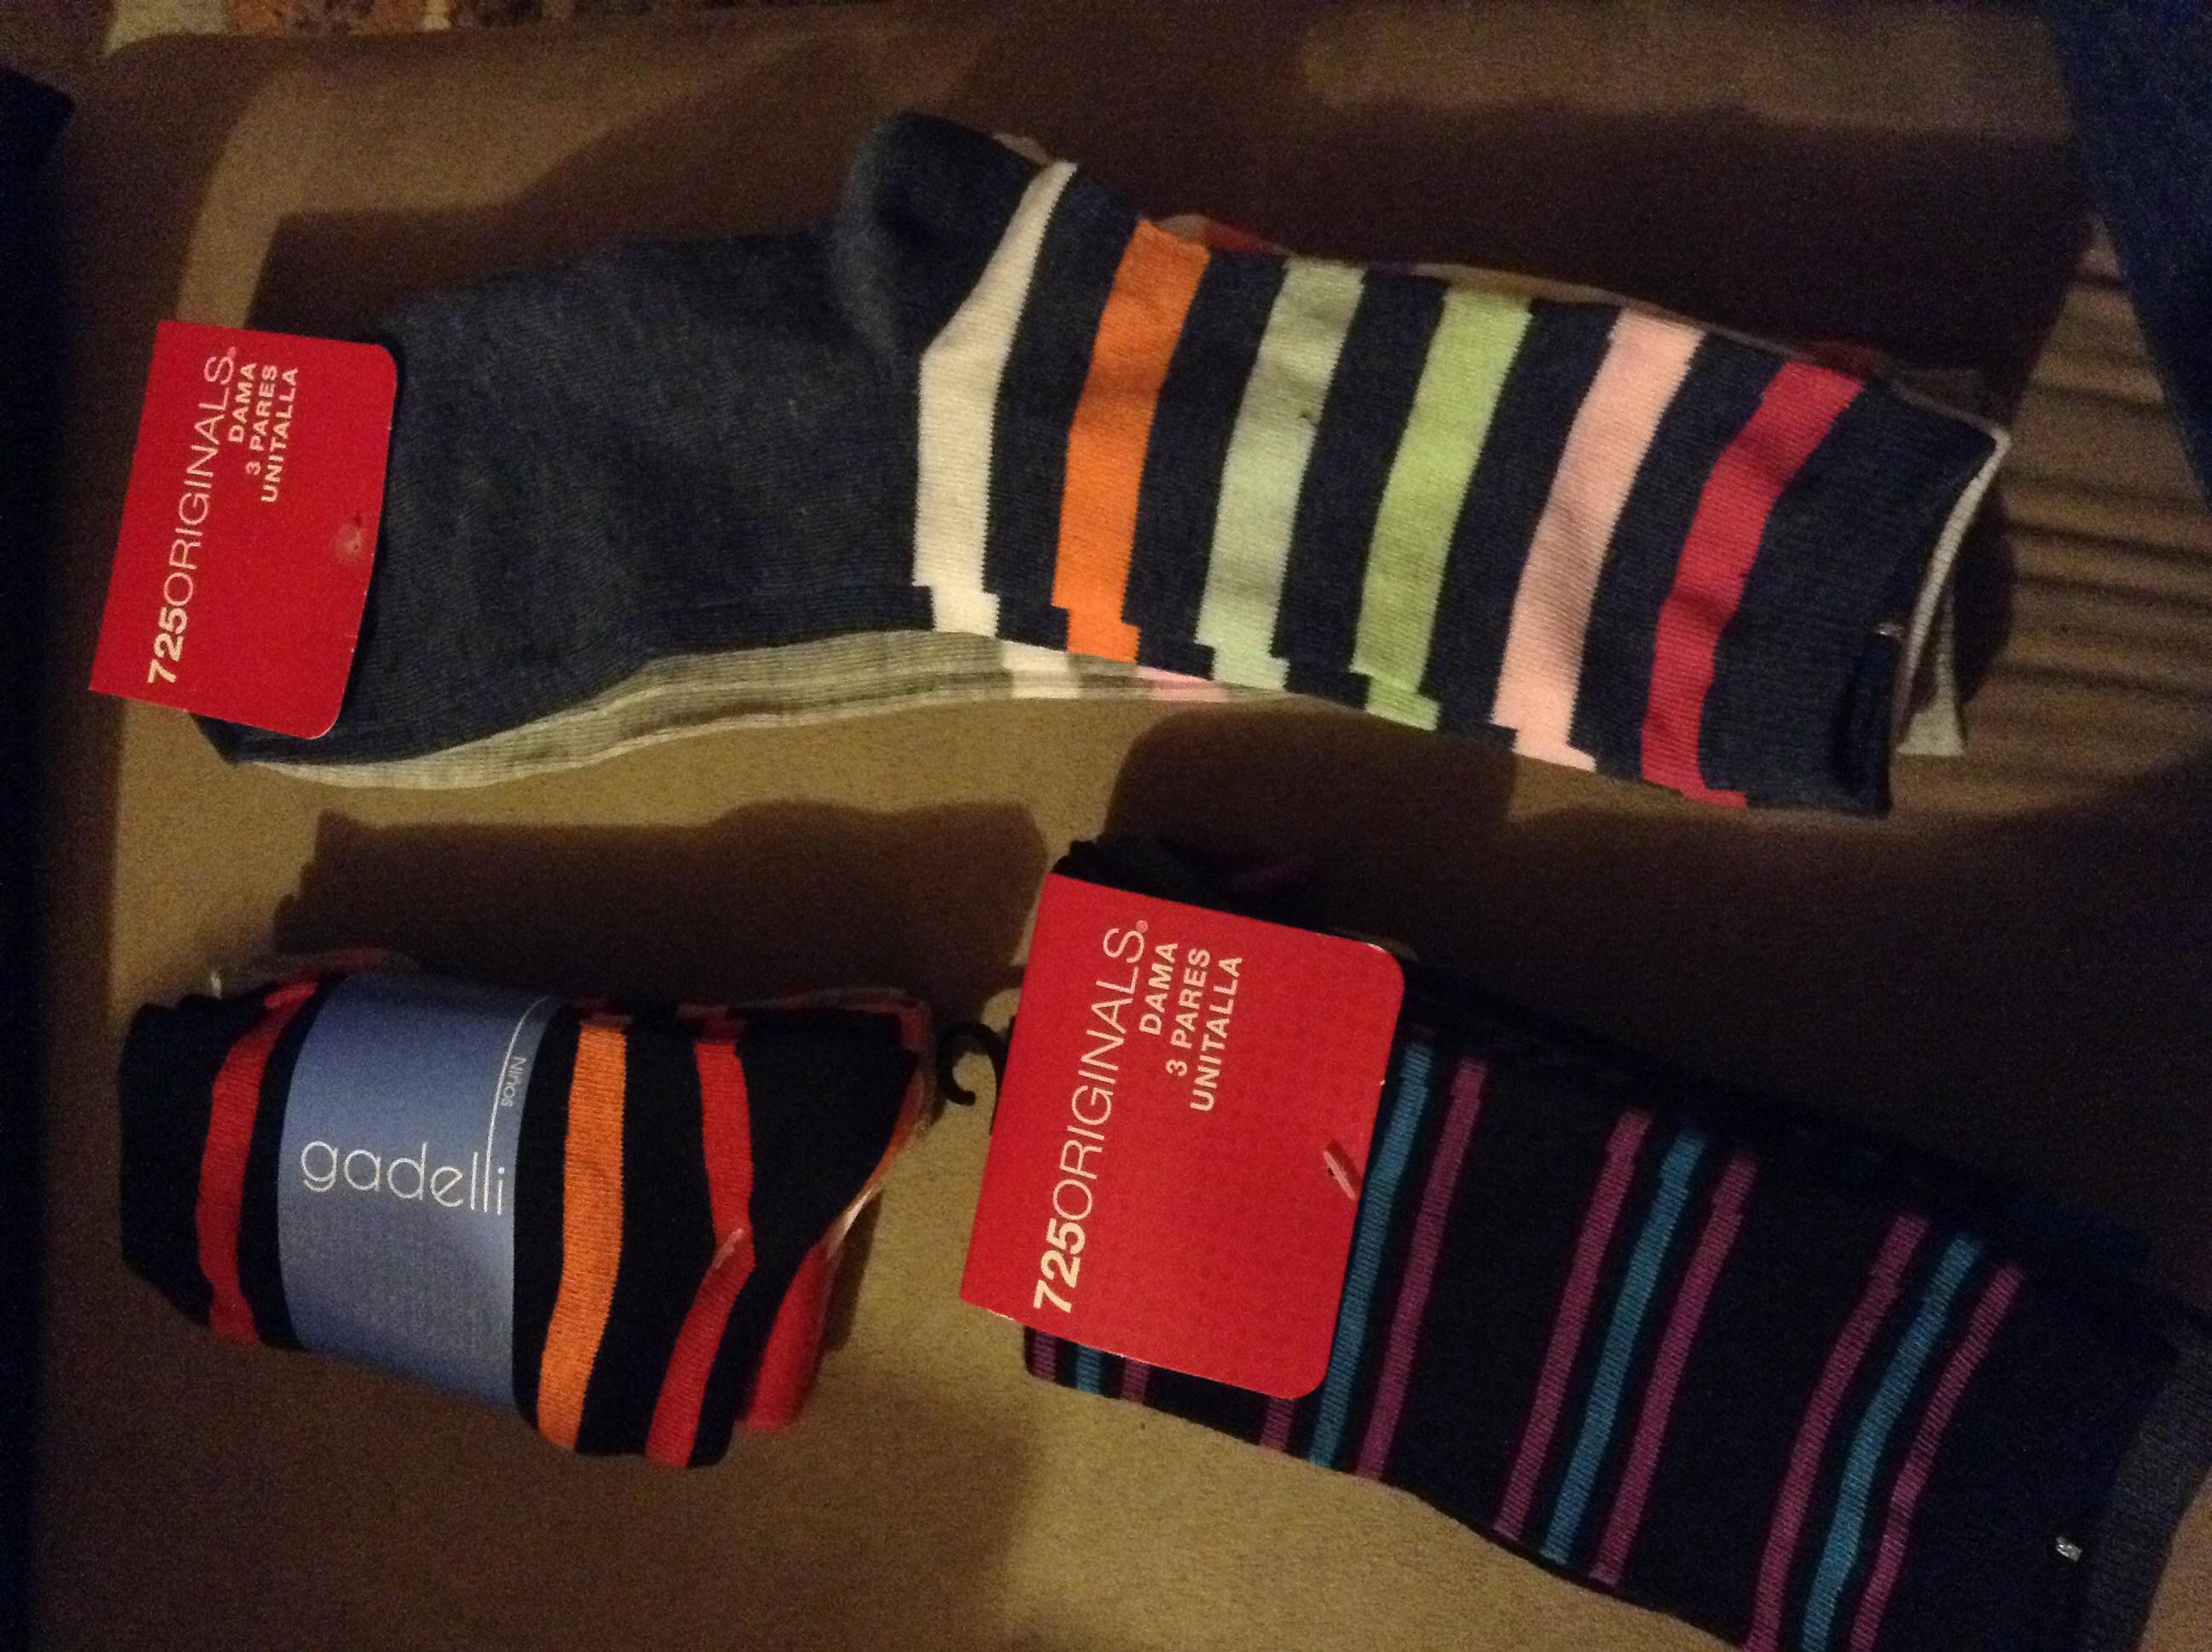 Walmart: Calcetas de niño y dama paquete de 3 a $10.02 y más